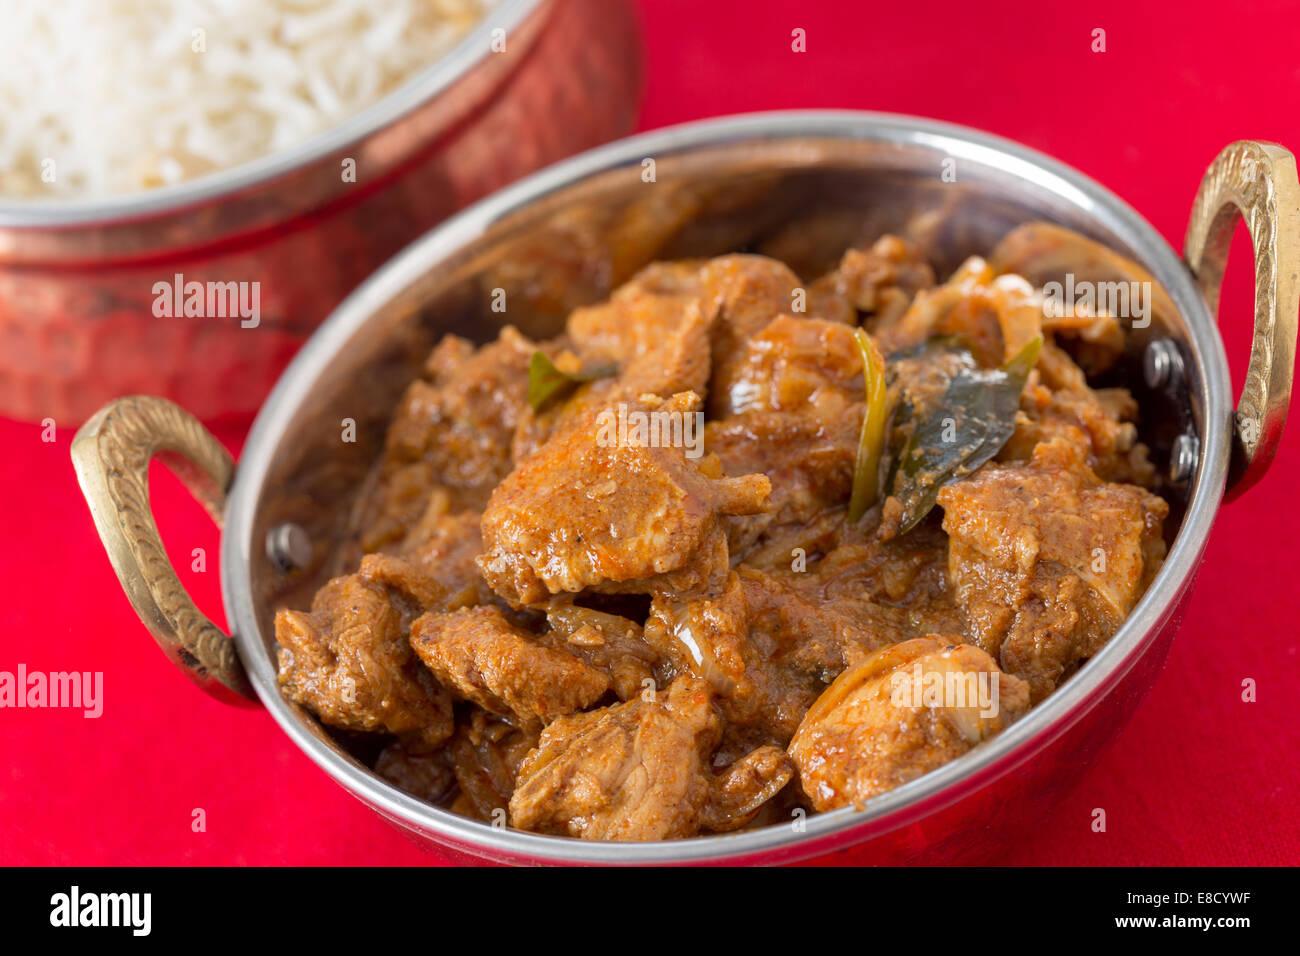 Chicken Karahi Stock Photos & Chicken Karahi Stock Images